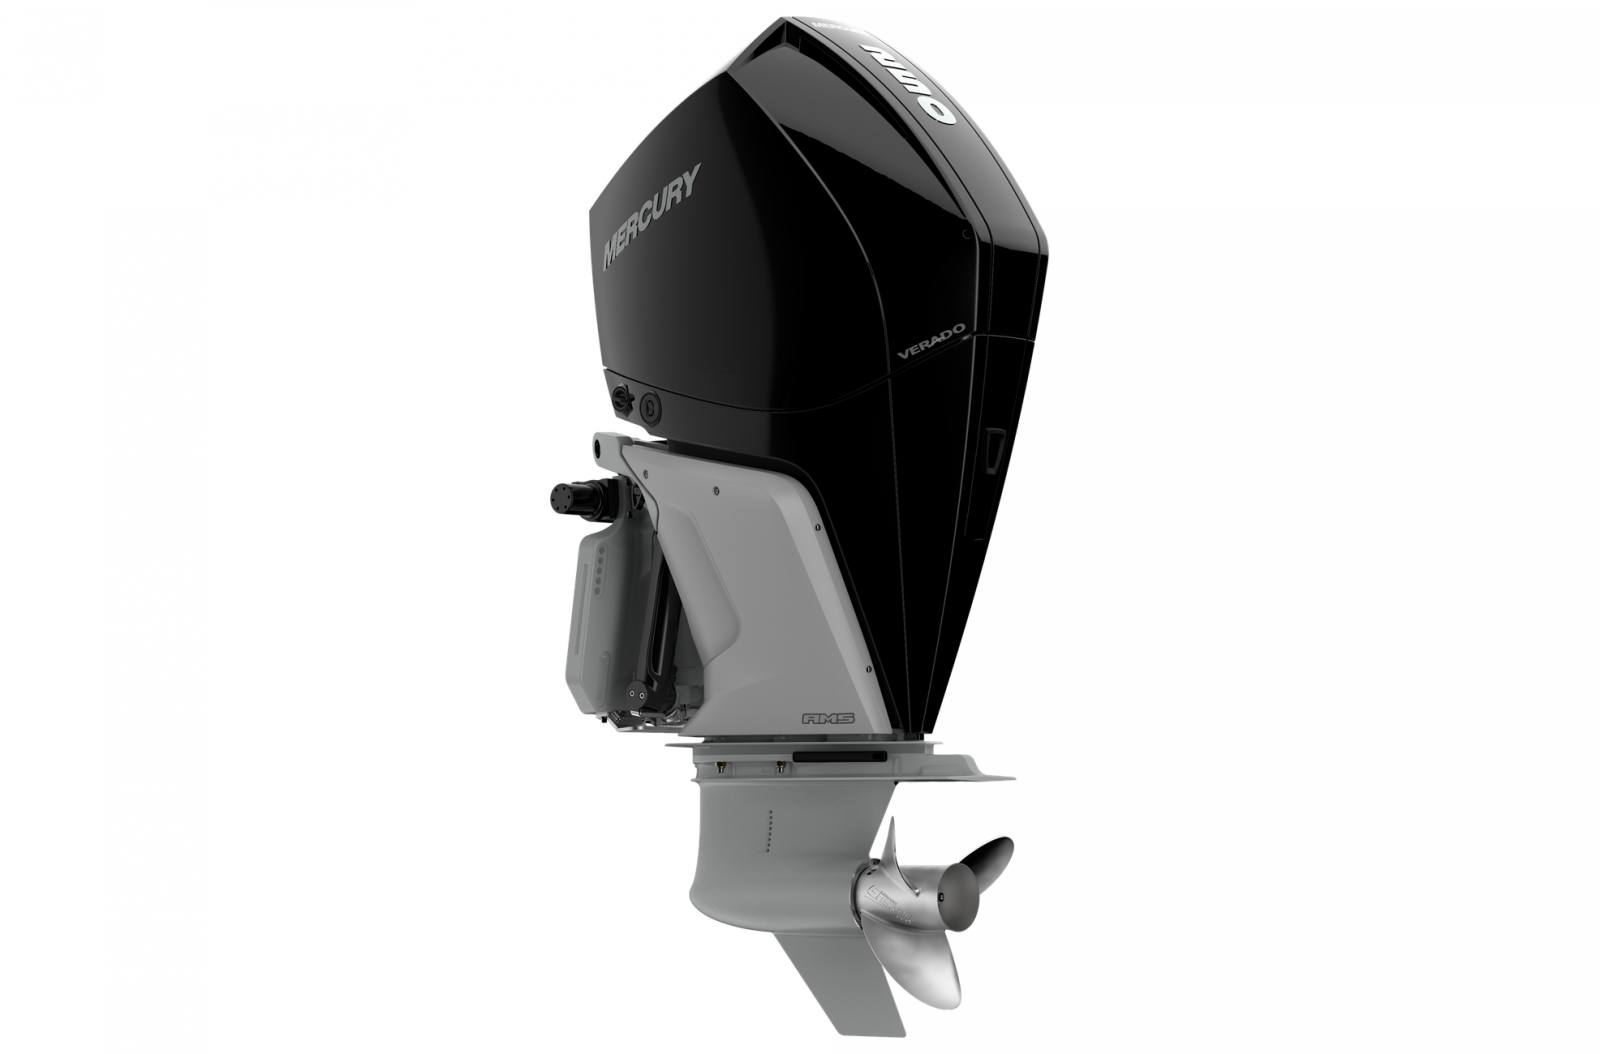 2020 Mercury Verado® V-8 250 HP - 25 in  Shaft